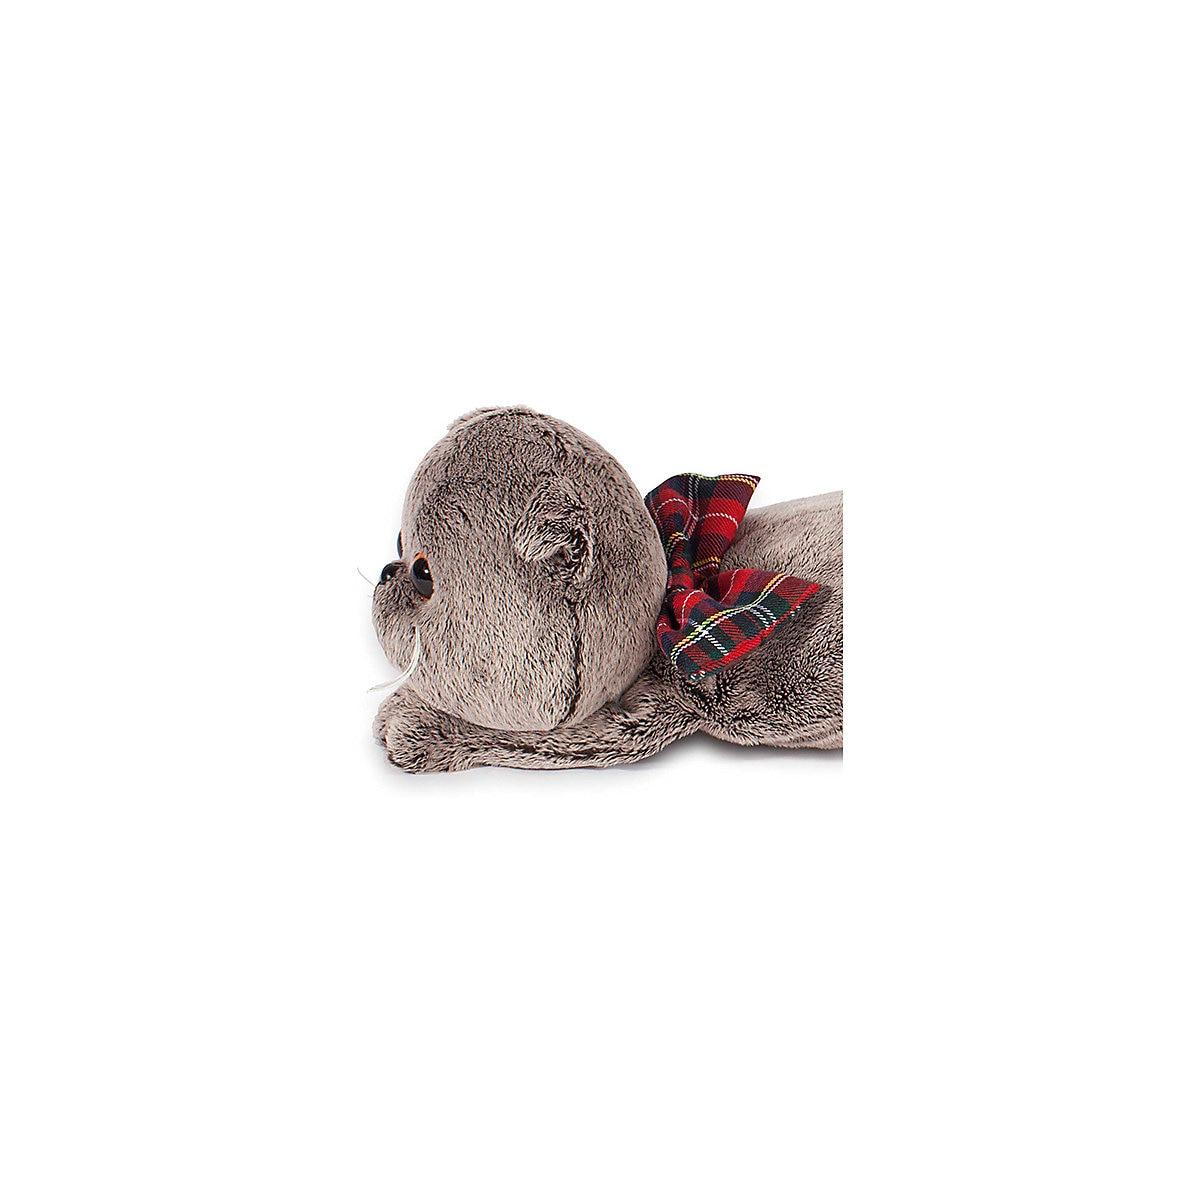 Pupazzi e peluches, animali BUDI BASA 7319979 Stitch Orso Totoro Giraffe Fox Gatto Del Cane Morbido Per Bambini \'s giocattoli MTpromo - 5